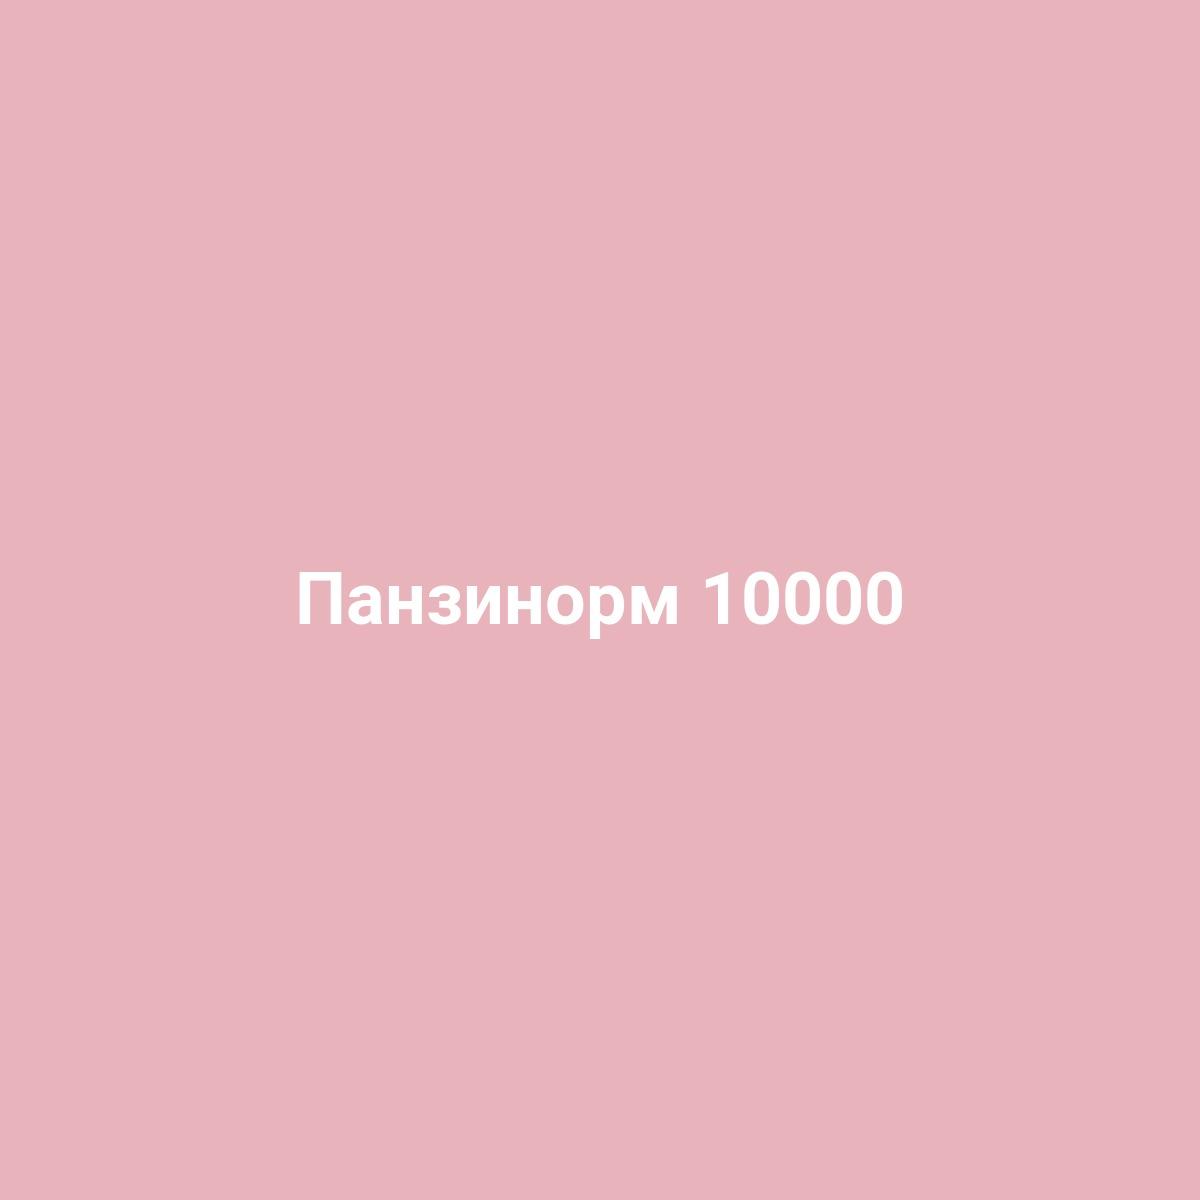 панзинорм 10 000 инструкция по применению